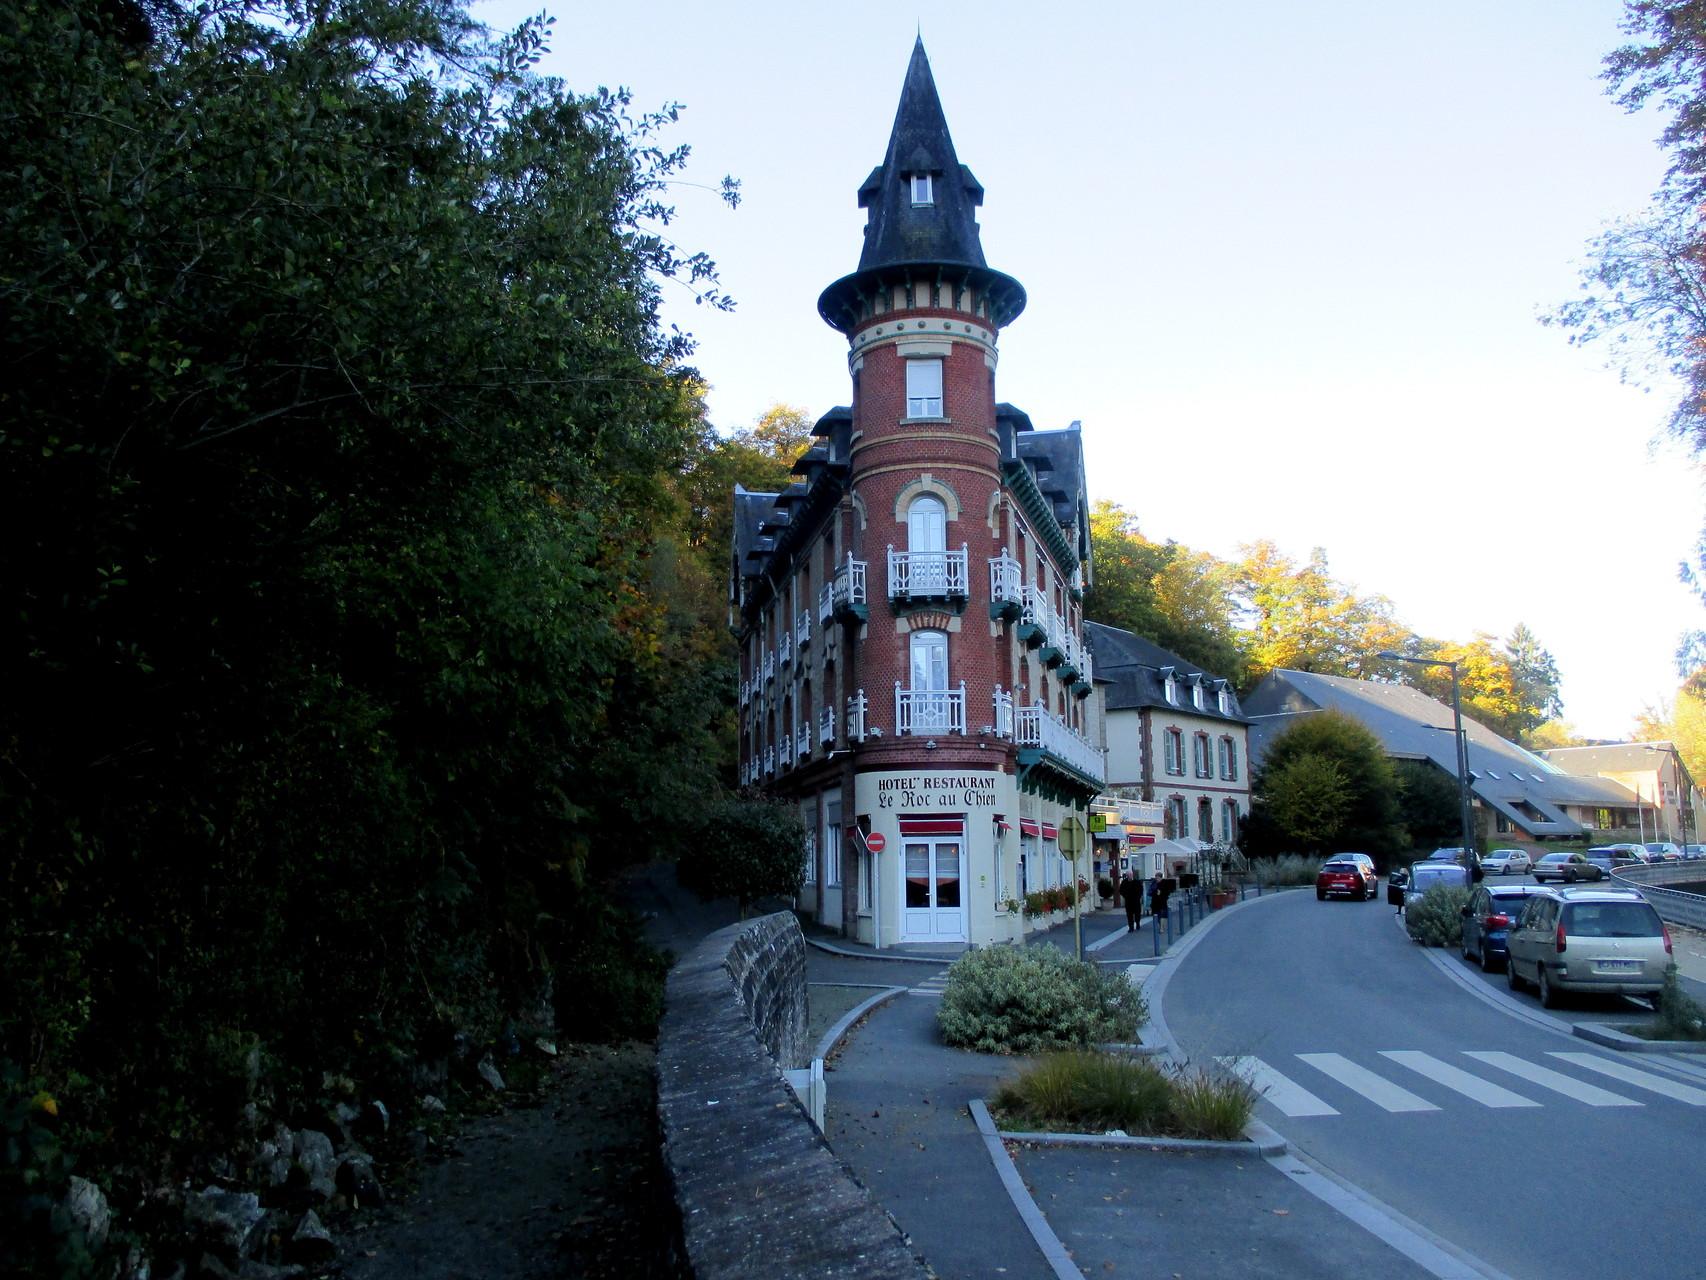 Hôtel réputé à Bagnoles